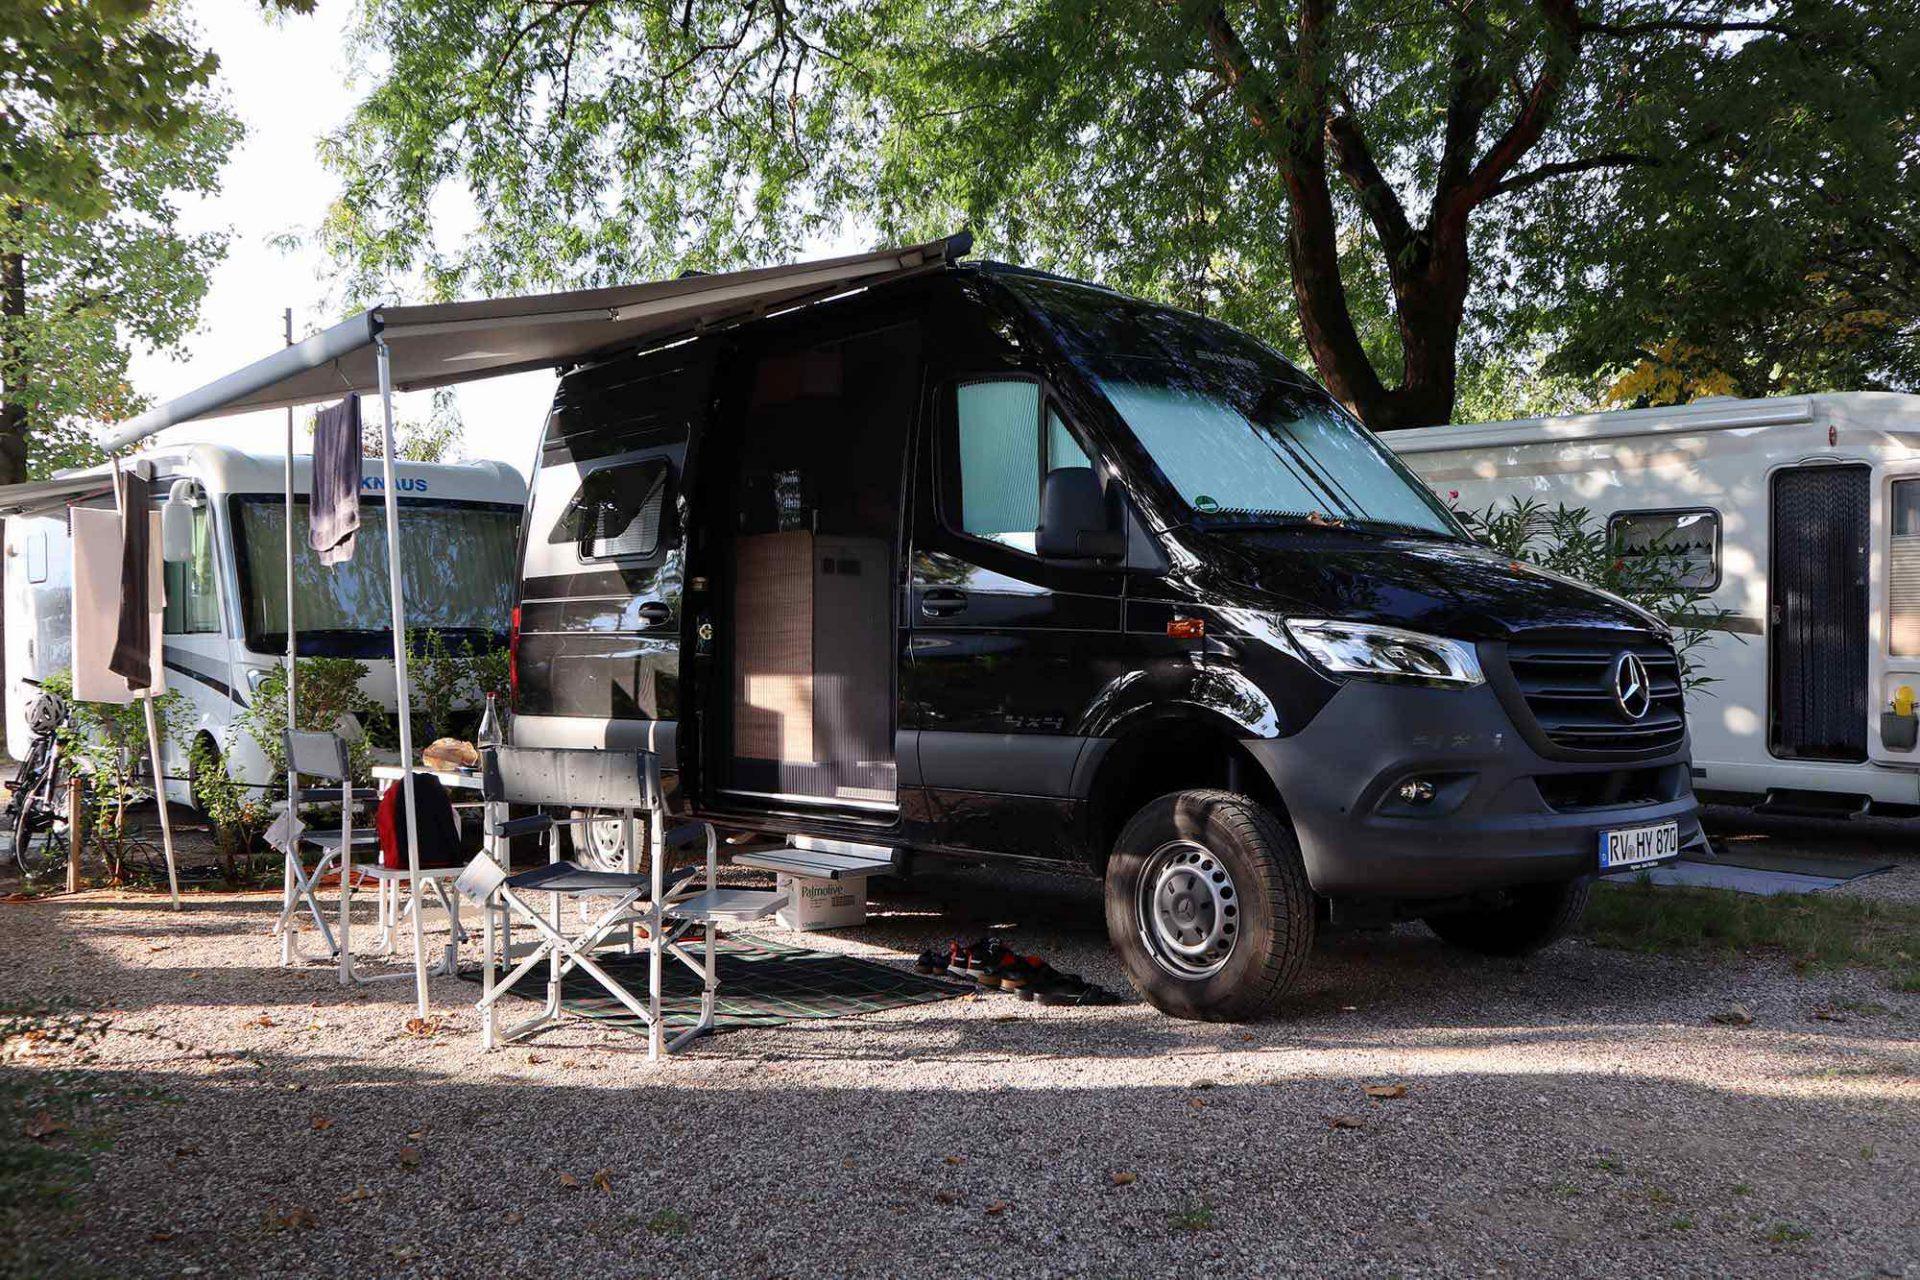 Bozen. Spätsommerlicher September in Südtirol mit dem Hymer Camper Van auf Mercedes Benz-Basis.